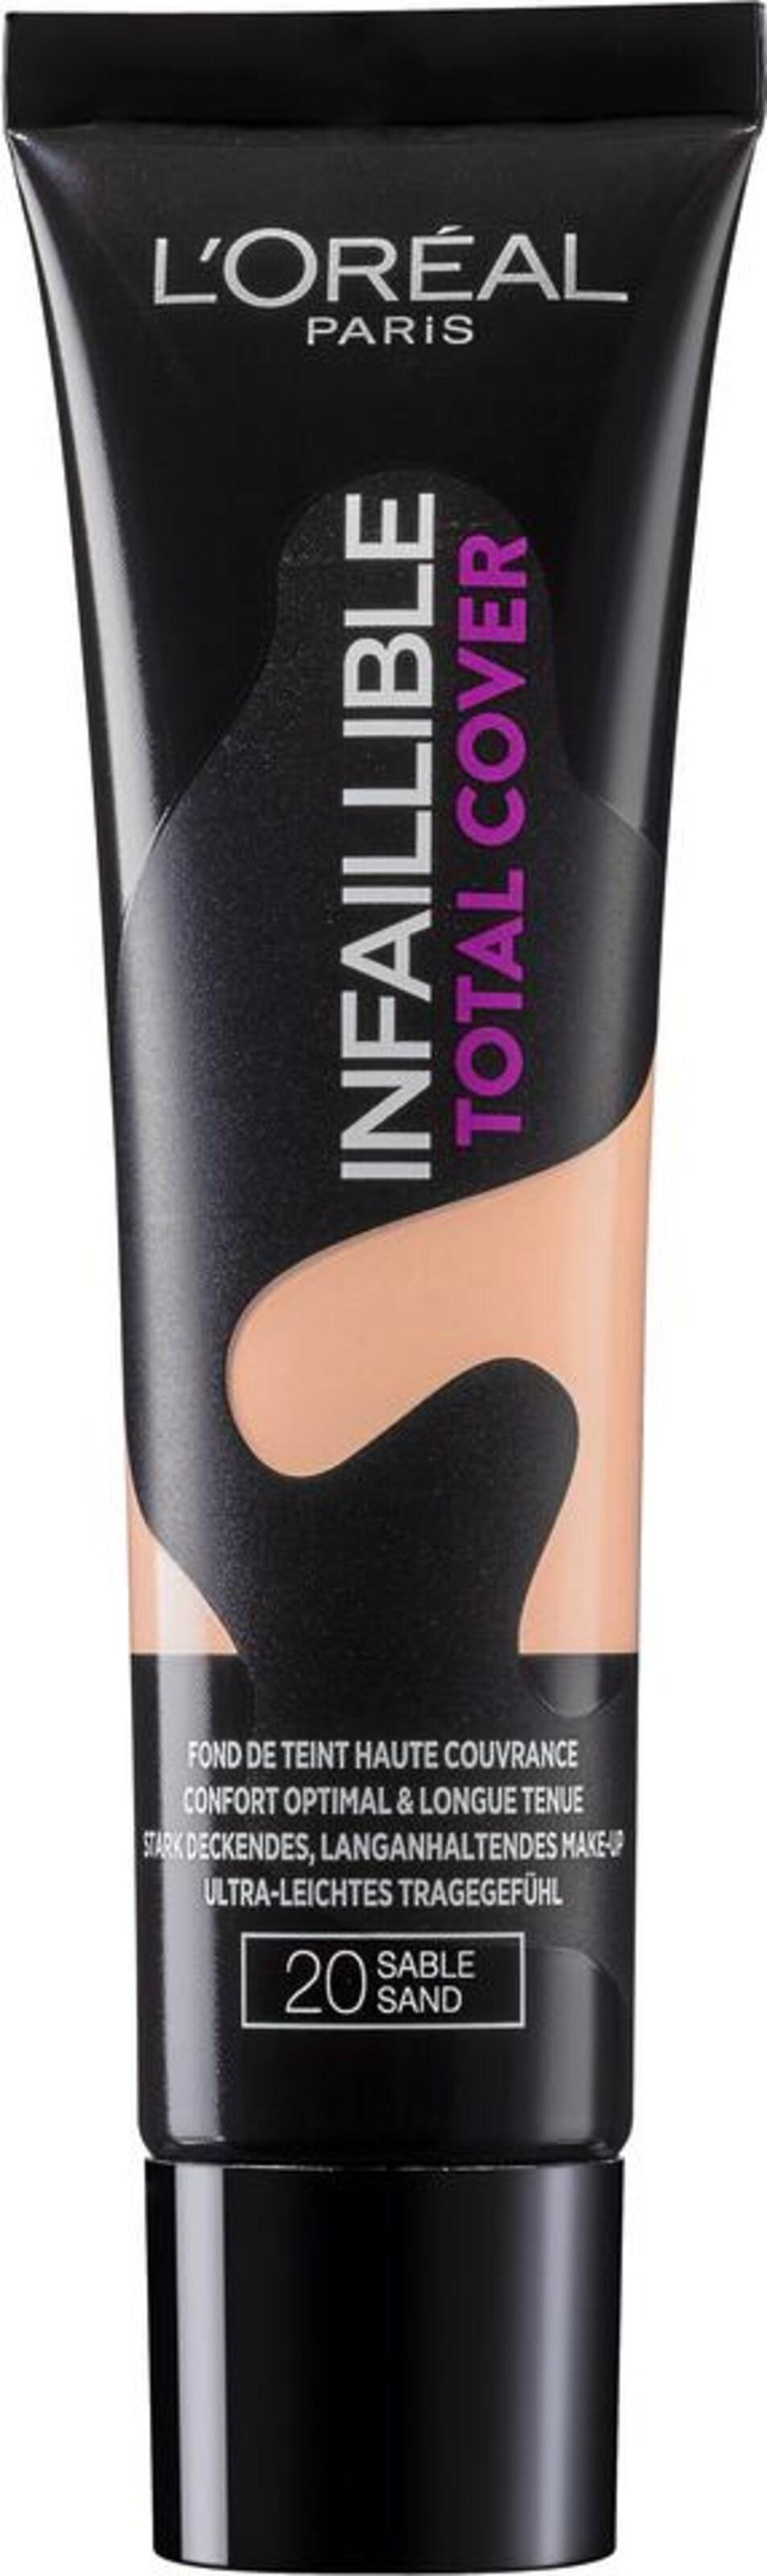 L'Oréal Paris 'Infaillible Total Cover Foundation', Make-Up